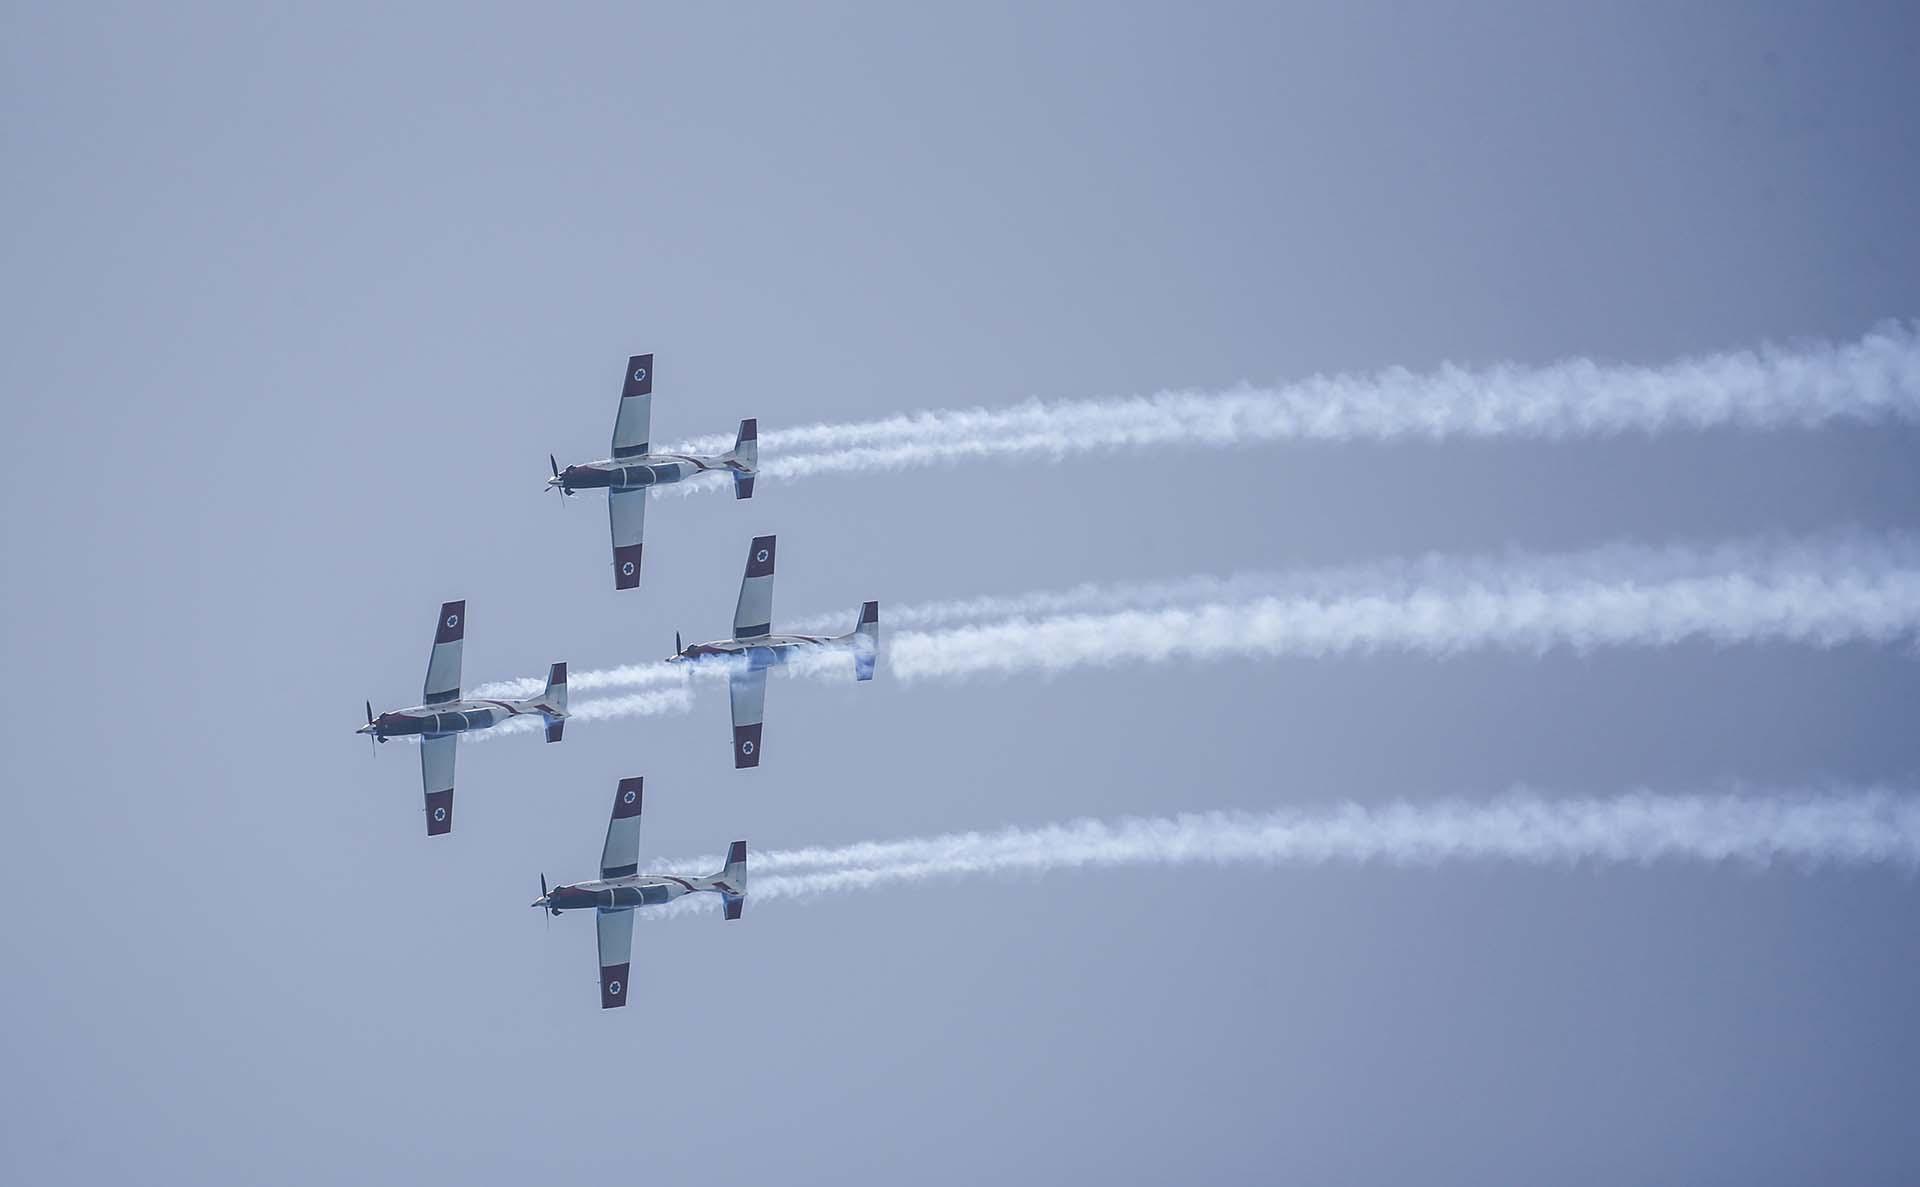 Aviones T-6 Texan II también participaron del espectáculo (AFP)